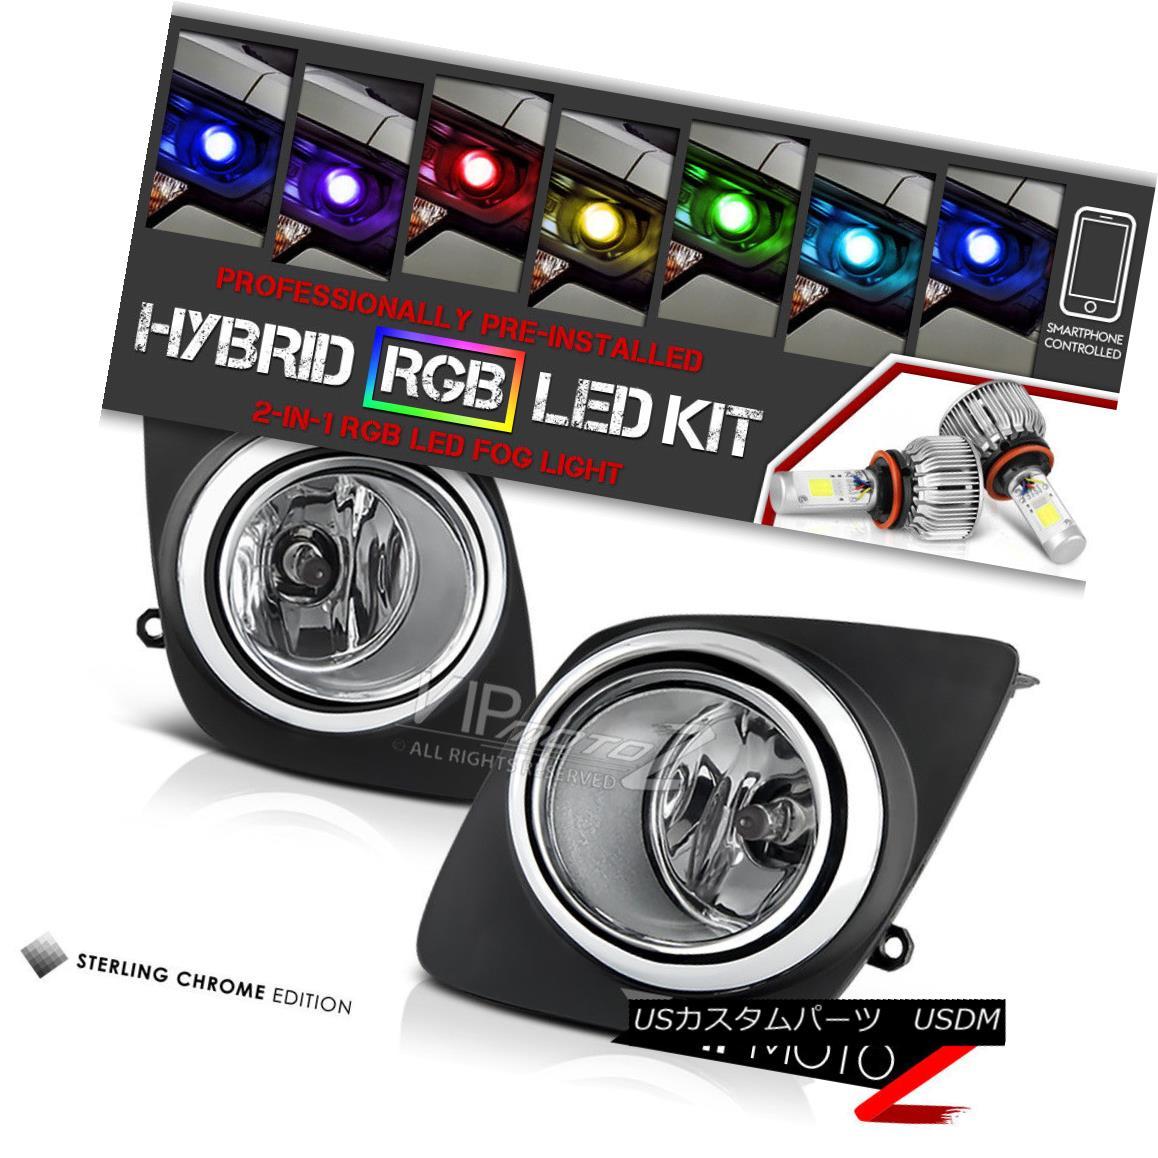 ヘッドライト [Built-In RGB LED] 2009-2012 Toyota RAV4 Replacement Fog Lights Clear Left+Right [内蔵RGB LED] 2009-2012トヨタRAV4交換フォグライトクリア左+右